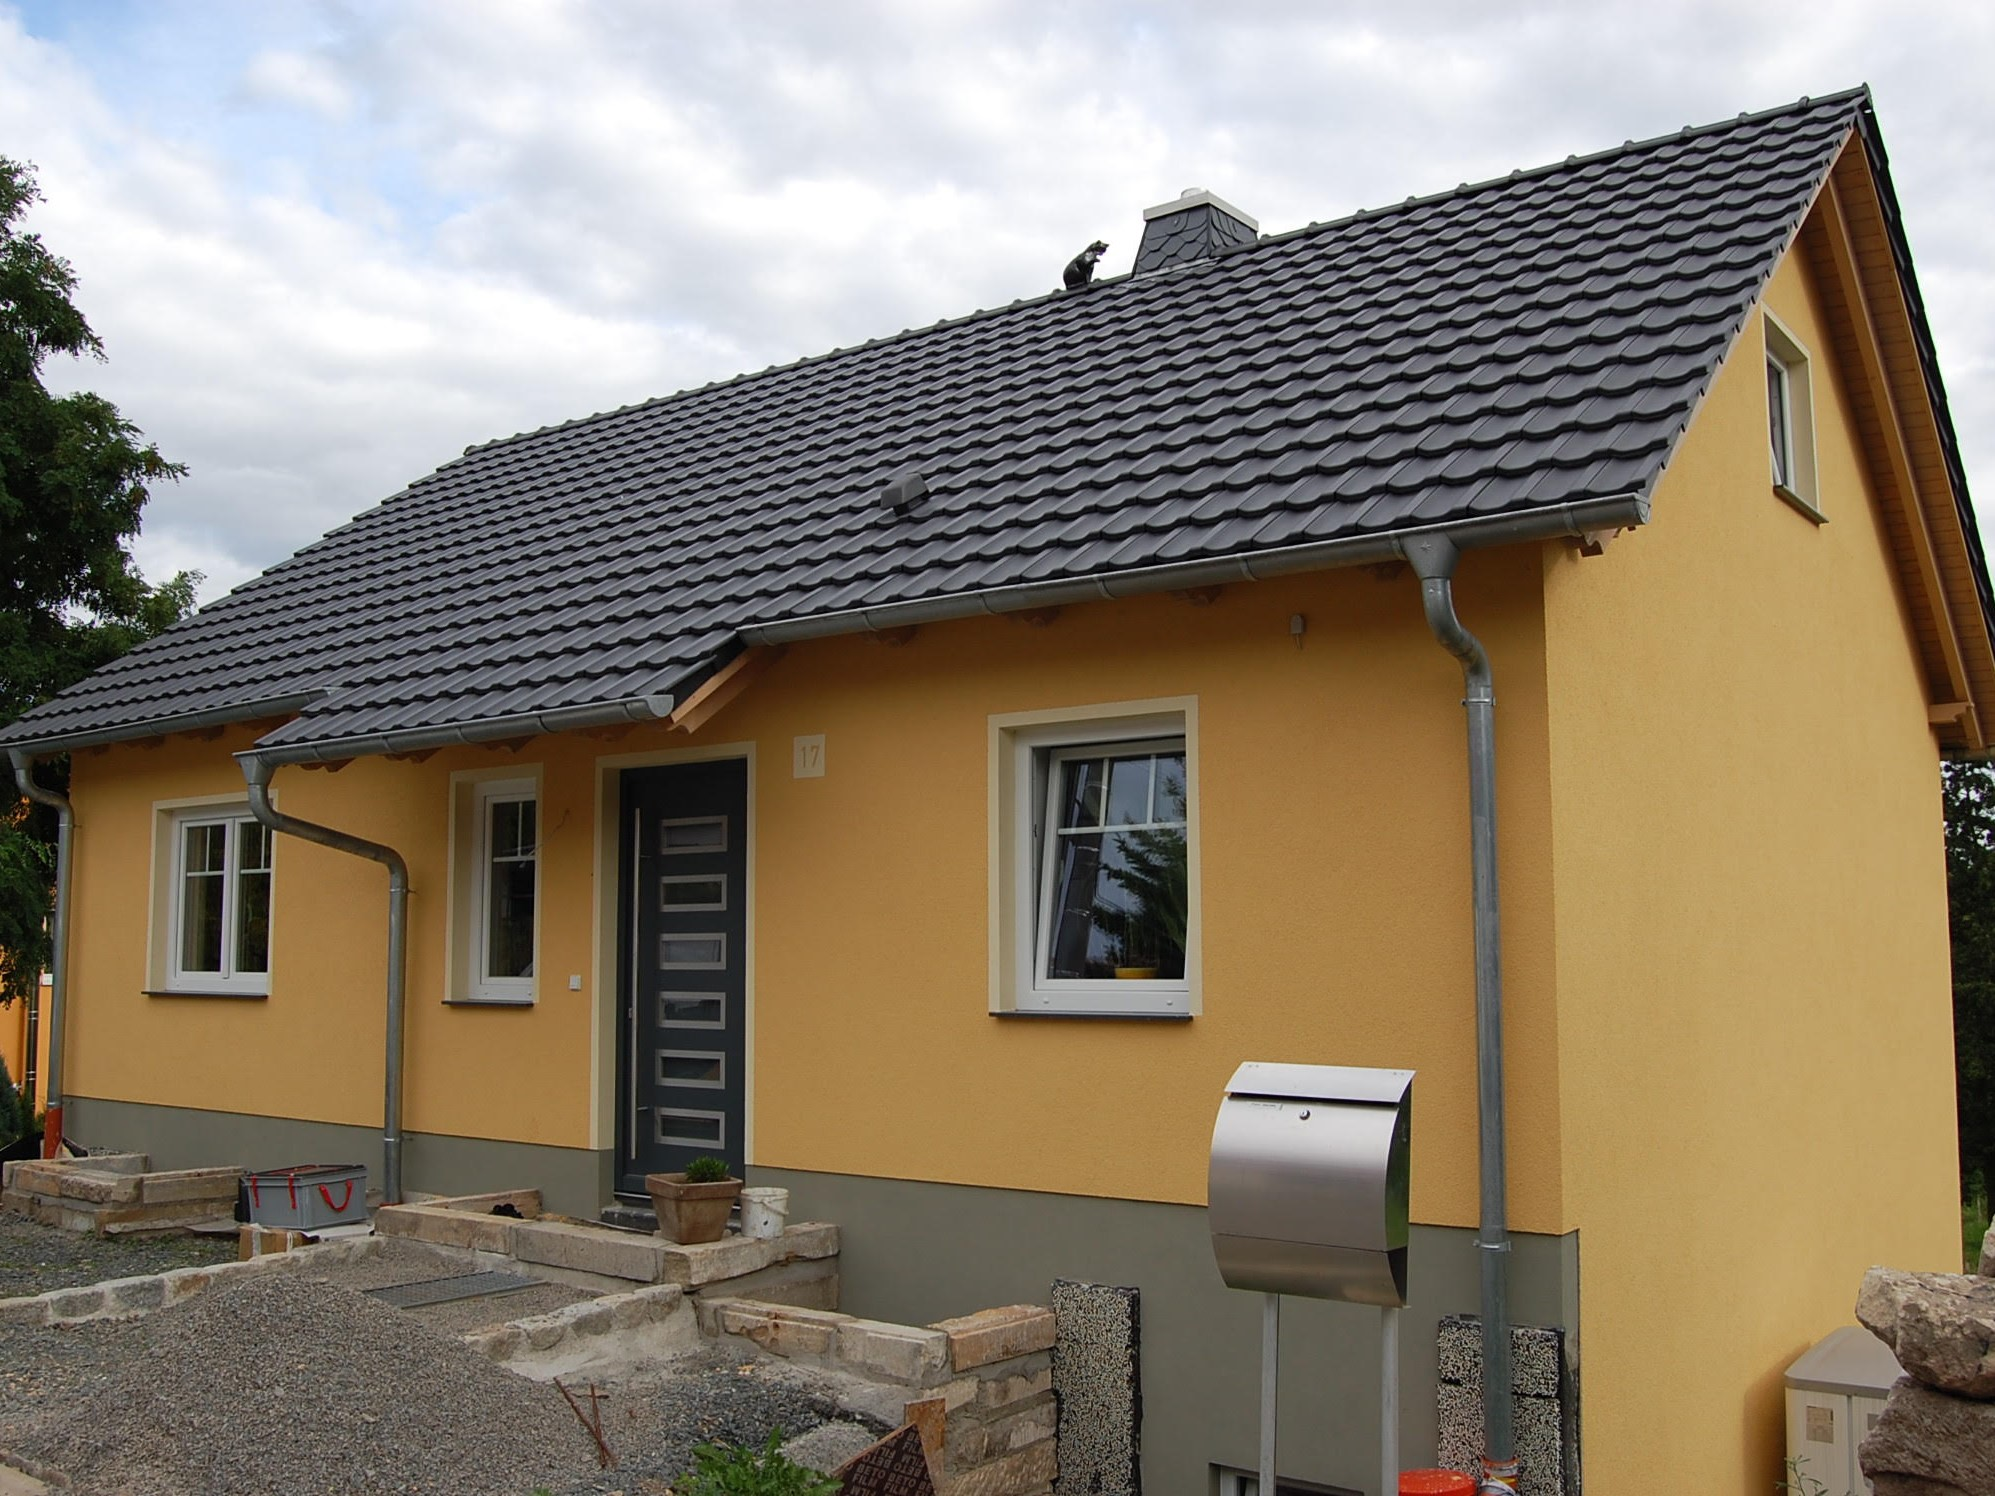 Dachstuhl und Dach fertig